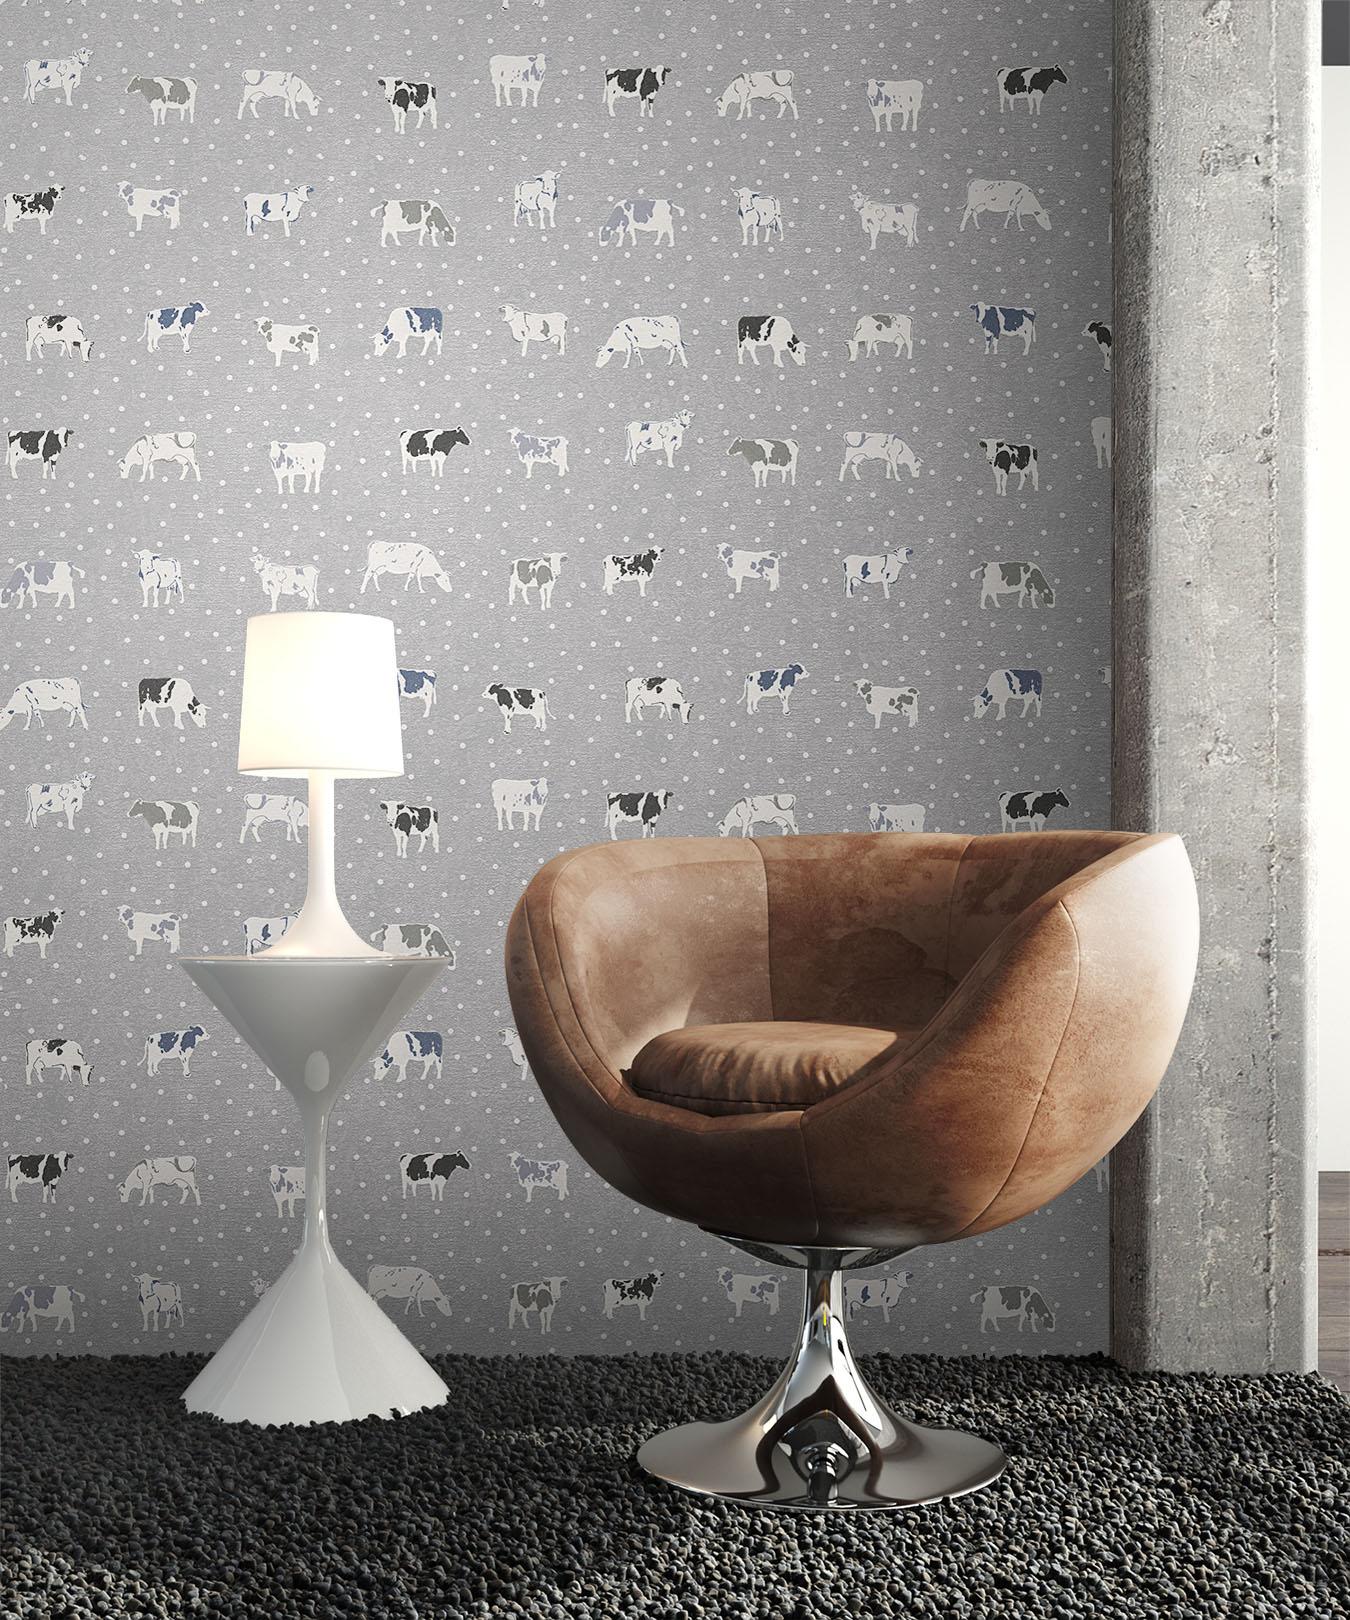 newroom vliestapete grau k che vlies landhaus 3d optik. Black Bedroom Furniture Sets. Home Design Ideas